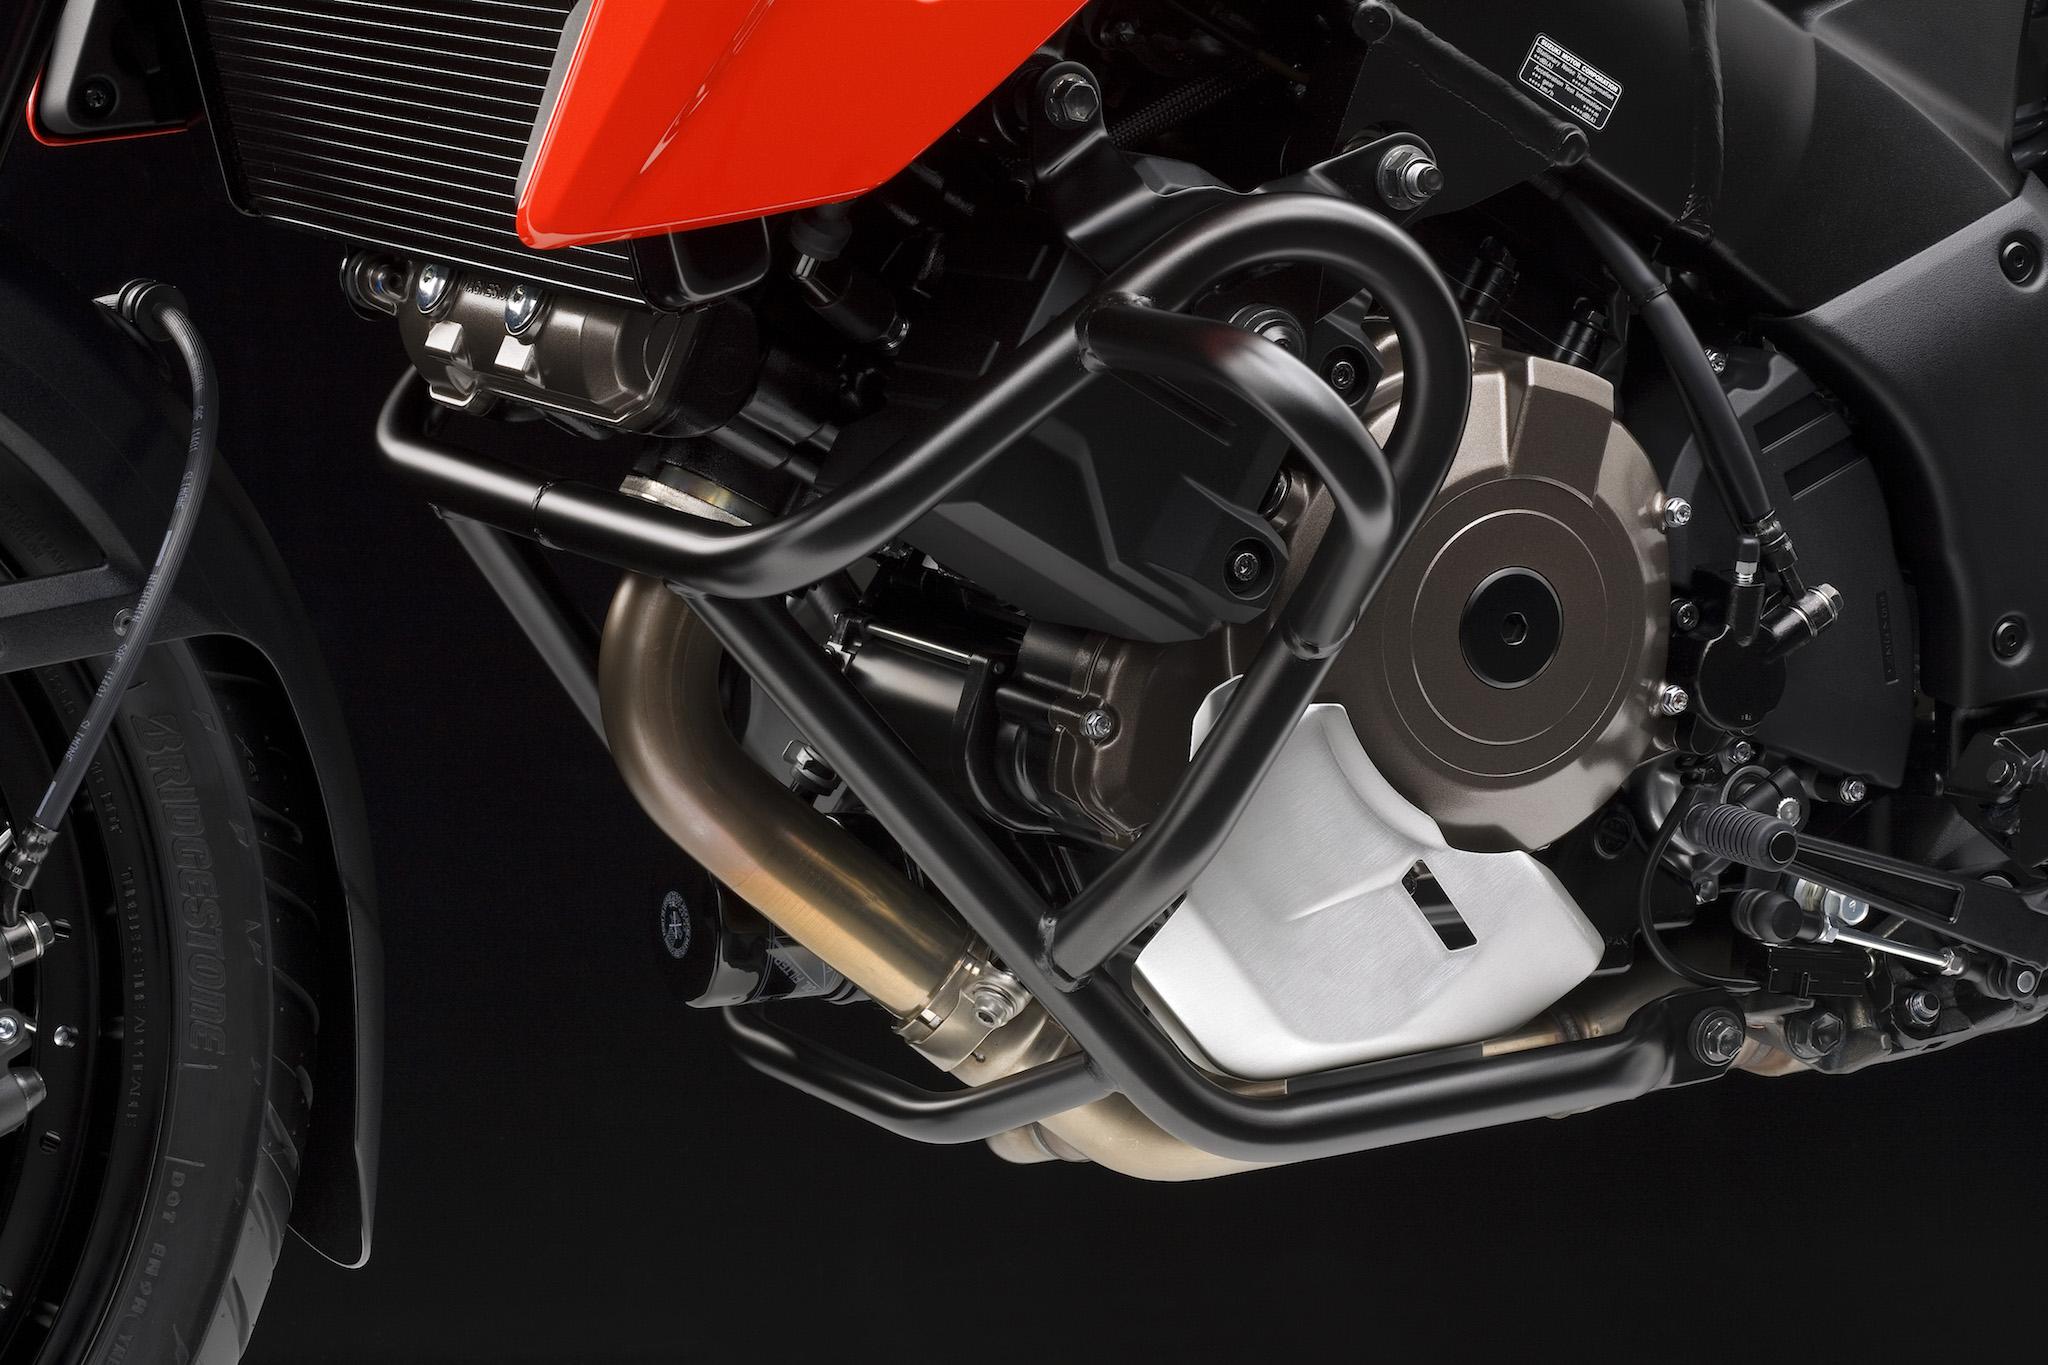 nouvelle V-Strom 1050